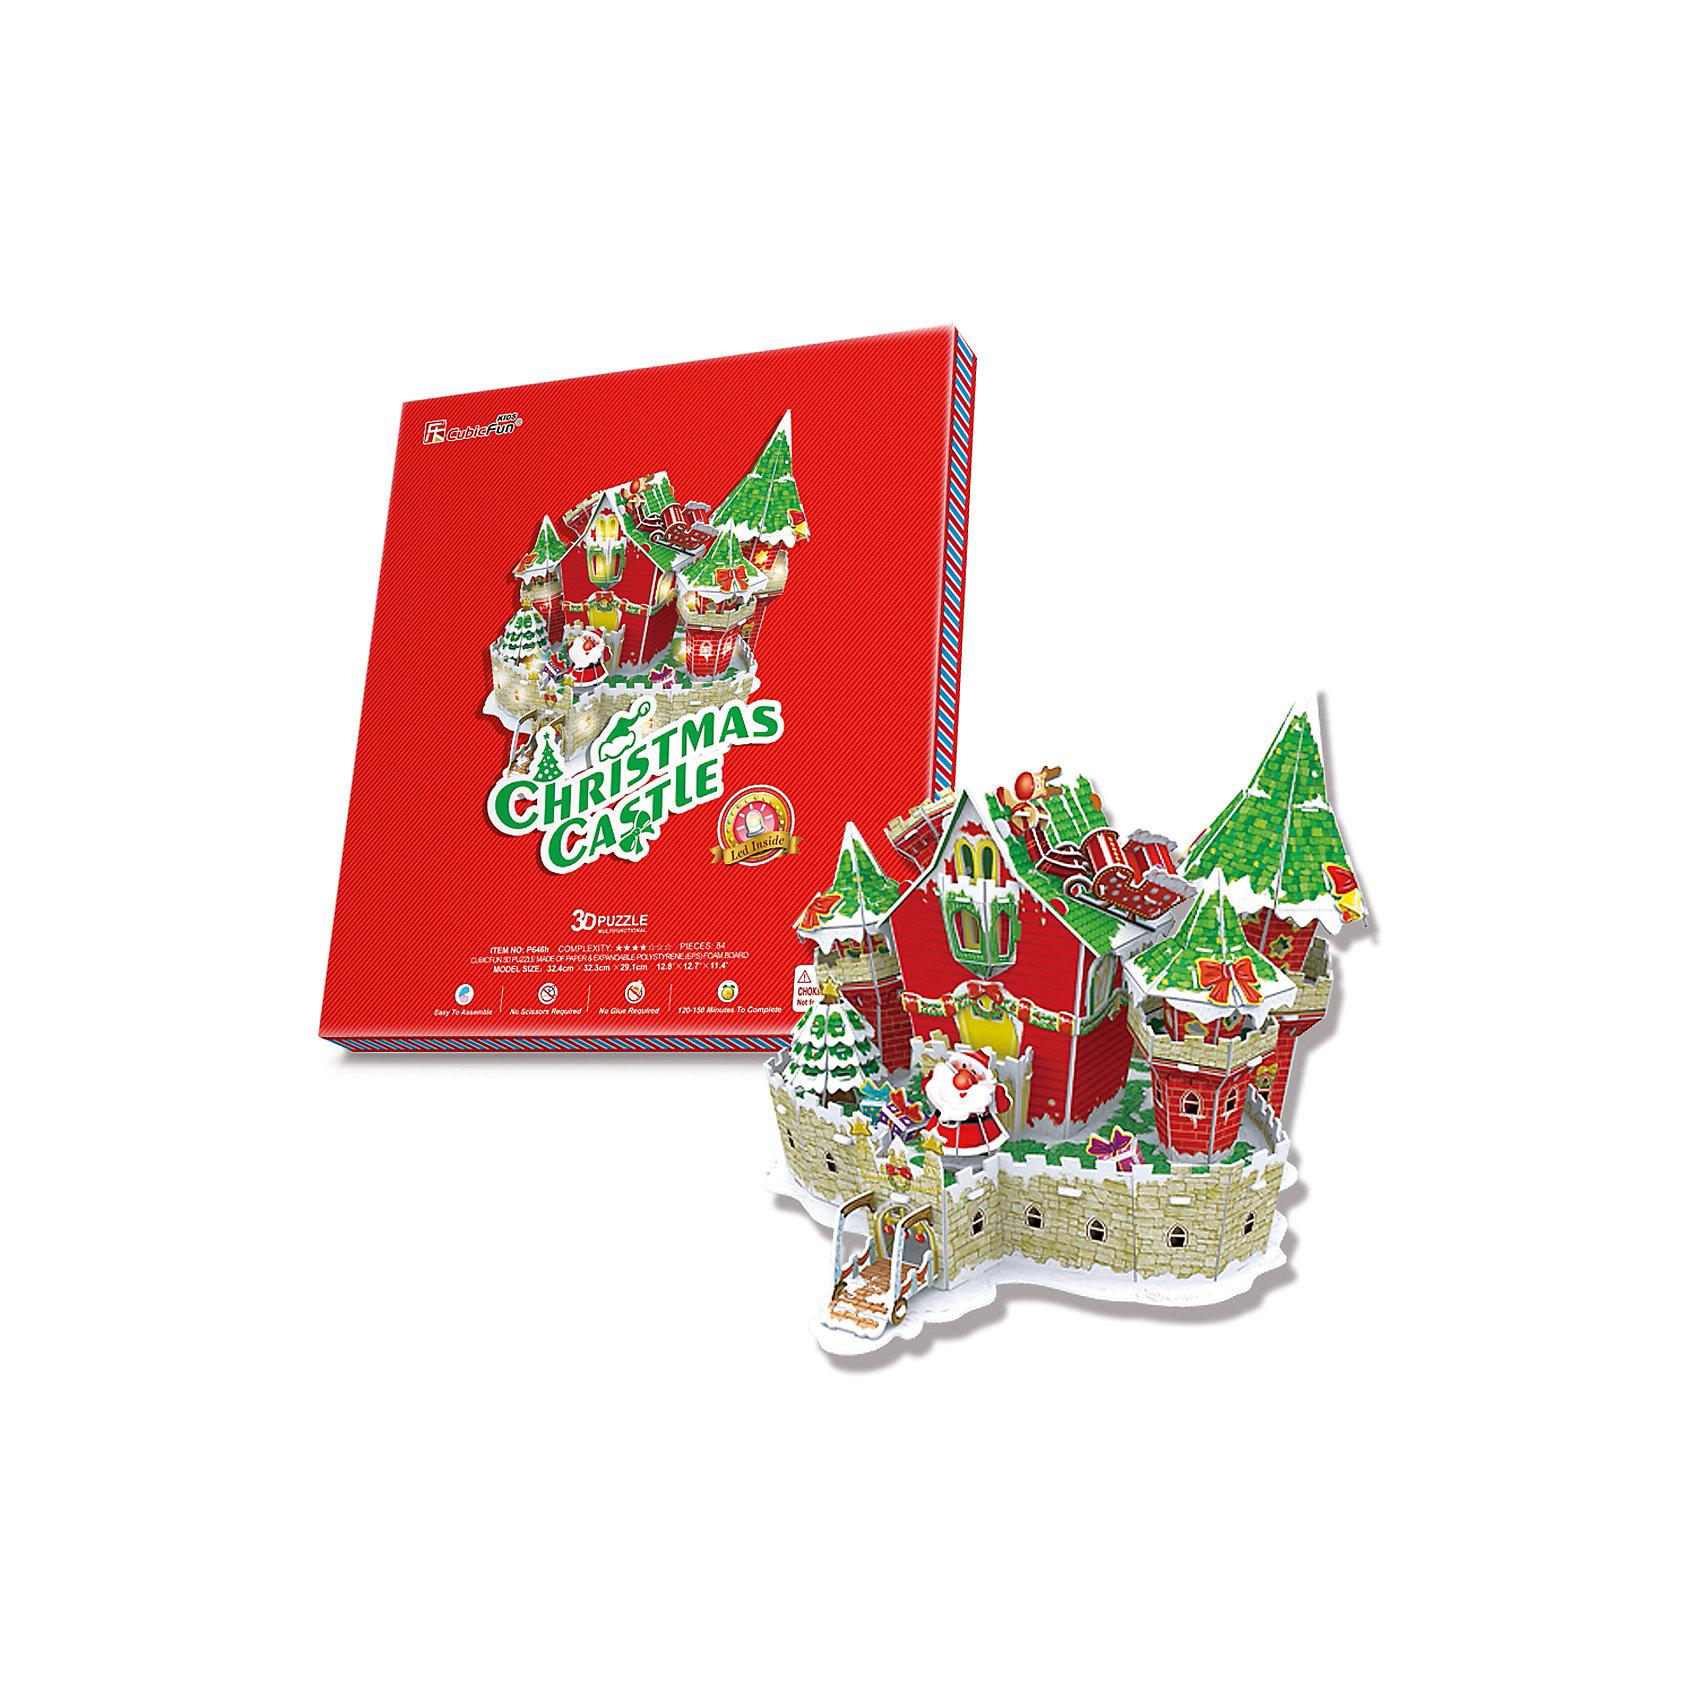 Сказочный рождественский замок, с подсветкой, CubicFun3D пазлы<br>Сказочный рождественский замок  ребенок может смастерить самостоятельно без клея и ножниц.  Детали легко и просто выдавливаются из картона и соединяются между собой с помощью специальных соединительных приспособлений. Этот рождественский замок украсит любую детскую комнату. С ним можно играть или просто поставить на полку и любоваться яркой и красивой поделкой. Игрушка помогает в развитии логики и творческих способностей ребенка, помогает в формировании мышления, речи, внимания, восприятия и воображения; развивает моторику рук; расширяет кругозор ребенка и стимулирует к познанию новой информации.<br><br>Дополнительная информация:<br><br>- Материал: ламинированный поликартон.<br>- Комплектация: детали пазла, инструкция, база со светодиодами.<br>- Элемент питания: 3 ААА батарейки (не входят в комплект).<br>- Размер в собранном виде: 32,3 x 32,4x 29,1 см.<br>- Количество деталей: 84 шт.<br>- Обучающая, яркая и реалистичная модель.<br>- Идеально и легко собирается без инструментов.<br>- Увлекательный игровой процесс.<br><br>Сказочный рождественский замок, с подсветкой, CubicFun, можно купить в нашем магазине.<br><br>Ширина мм: 270<br>Глубина мм: 290<br>Высота мм: 35<br>Вес г: 666<br>Возраст от месяцев: 72<br>Возраст до месяцев: 192<br>Пол: Унисекс<br>Возраст: Детский<br>SKU: 4278434